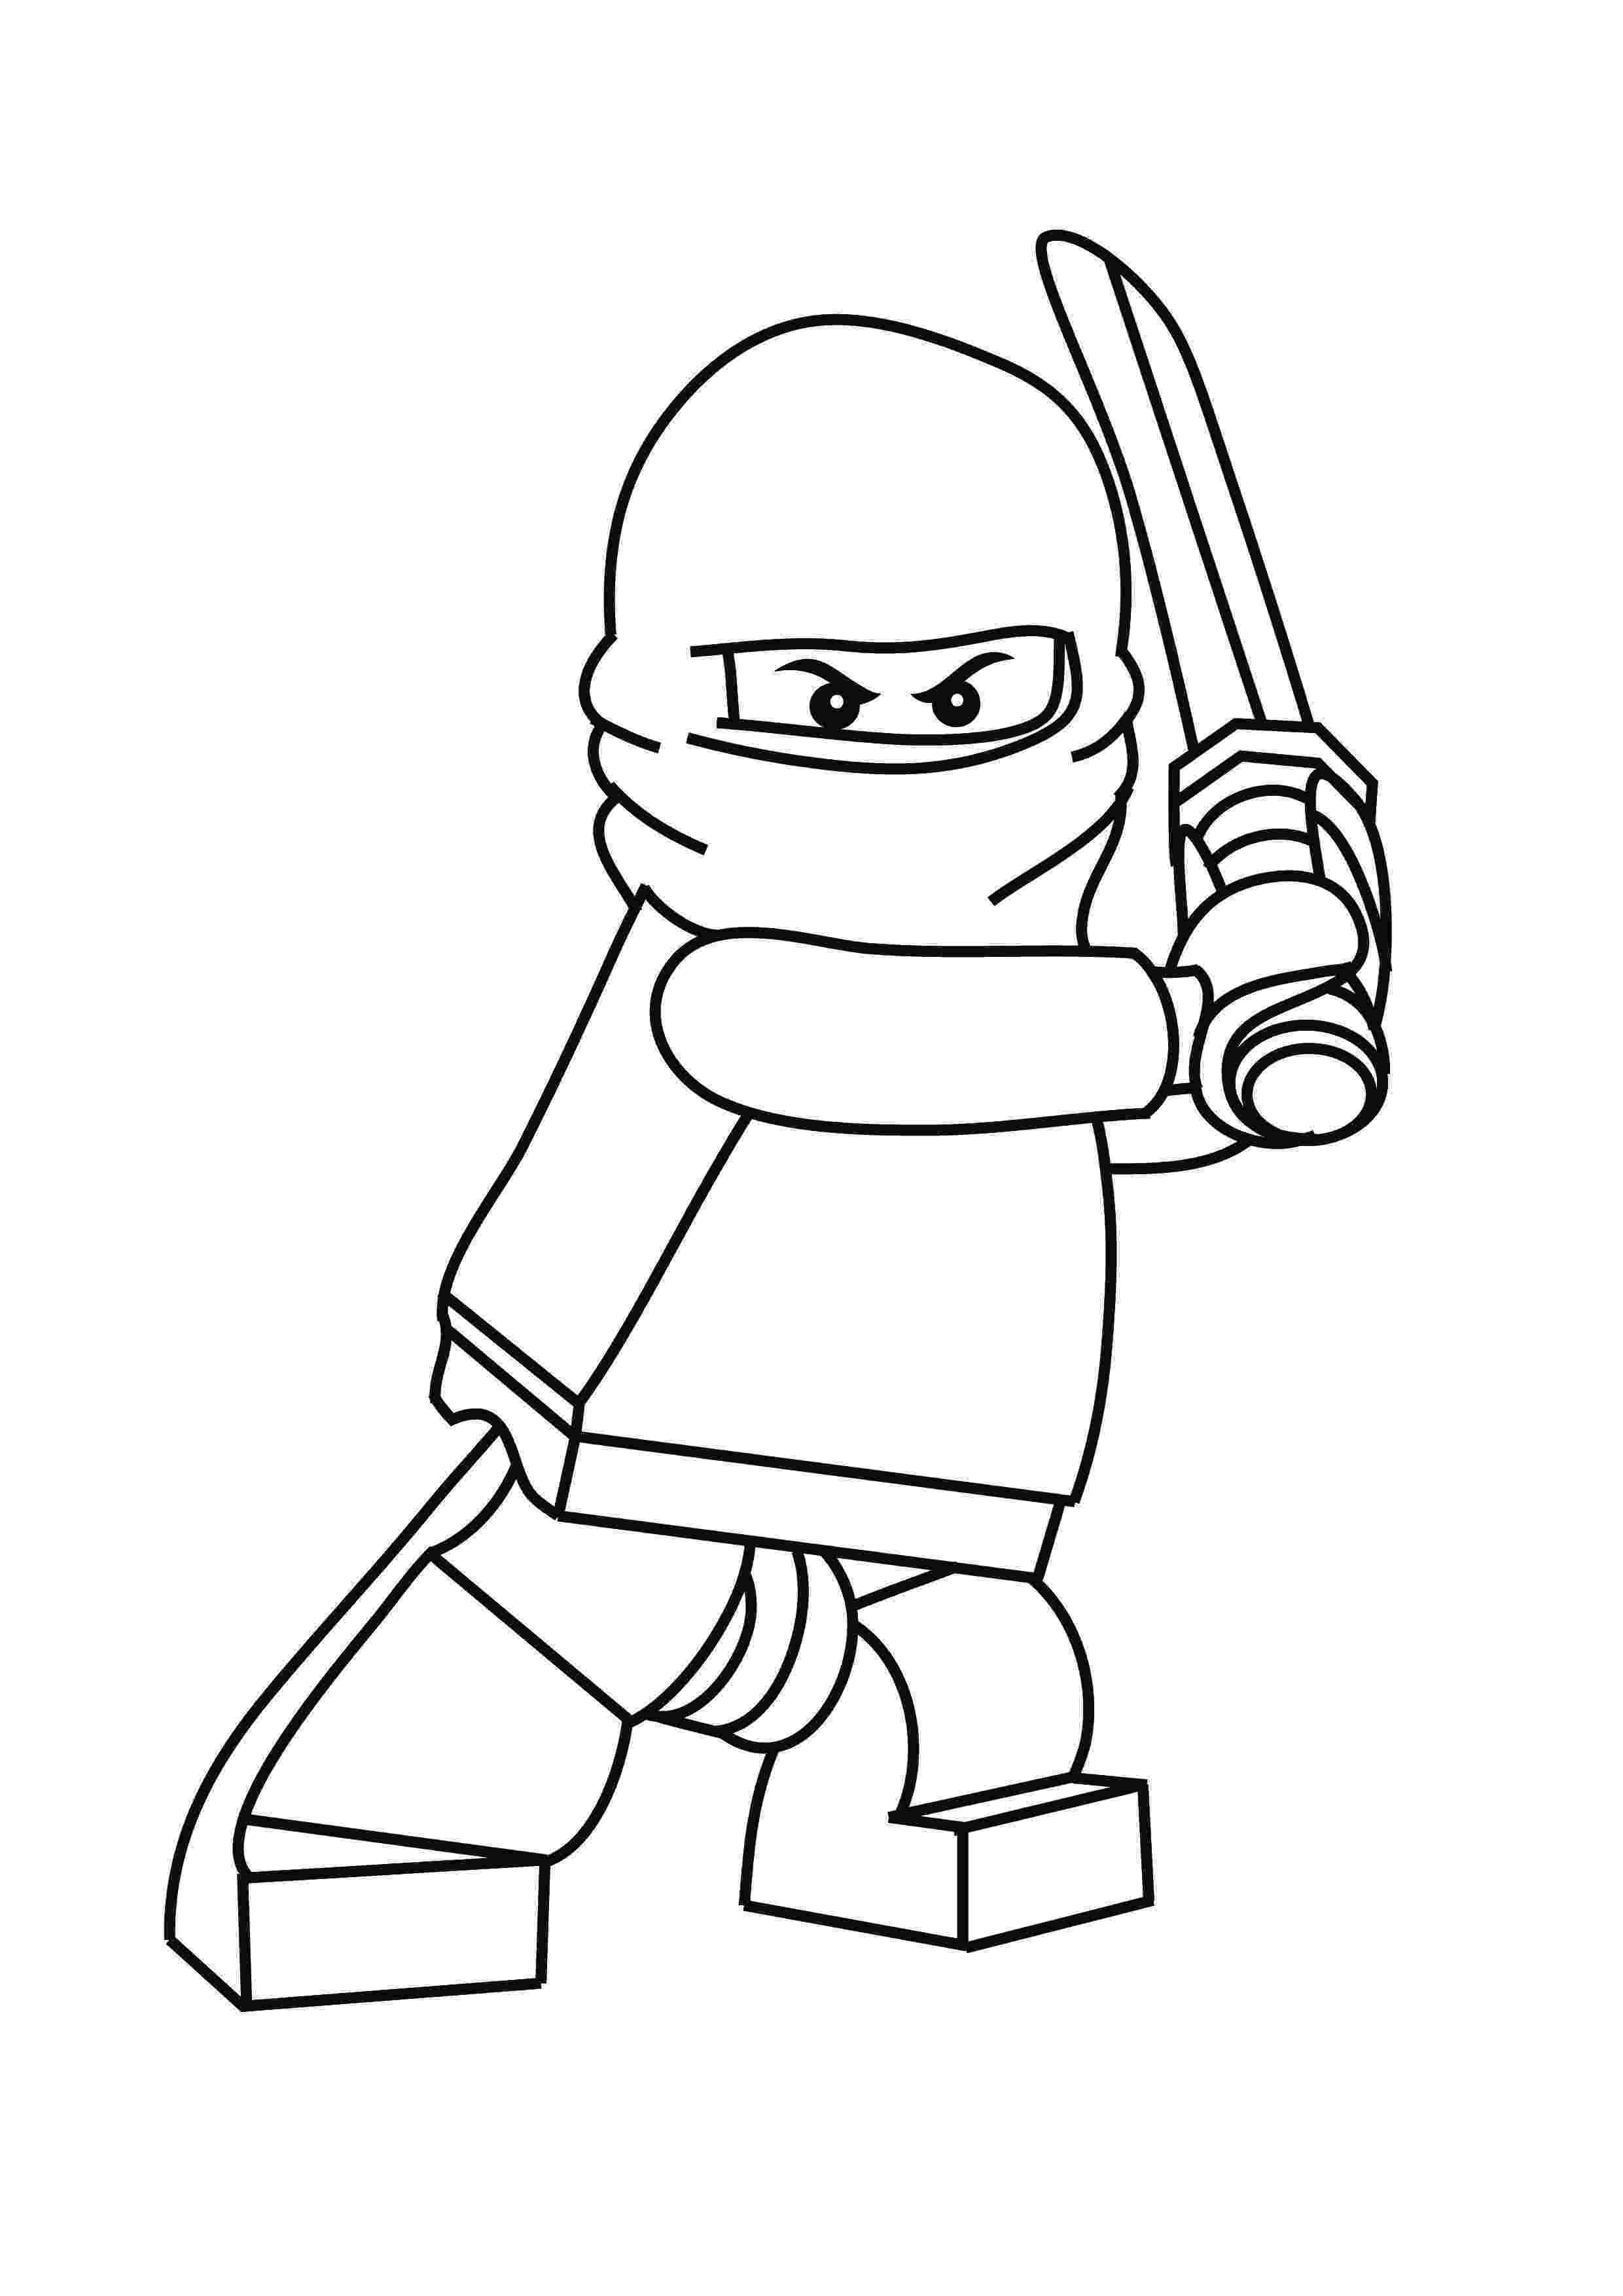 lego ninjago coloring sheets zane ninjago coloring pages for kids printable free lego ninjago sheets coloring